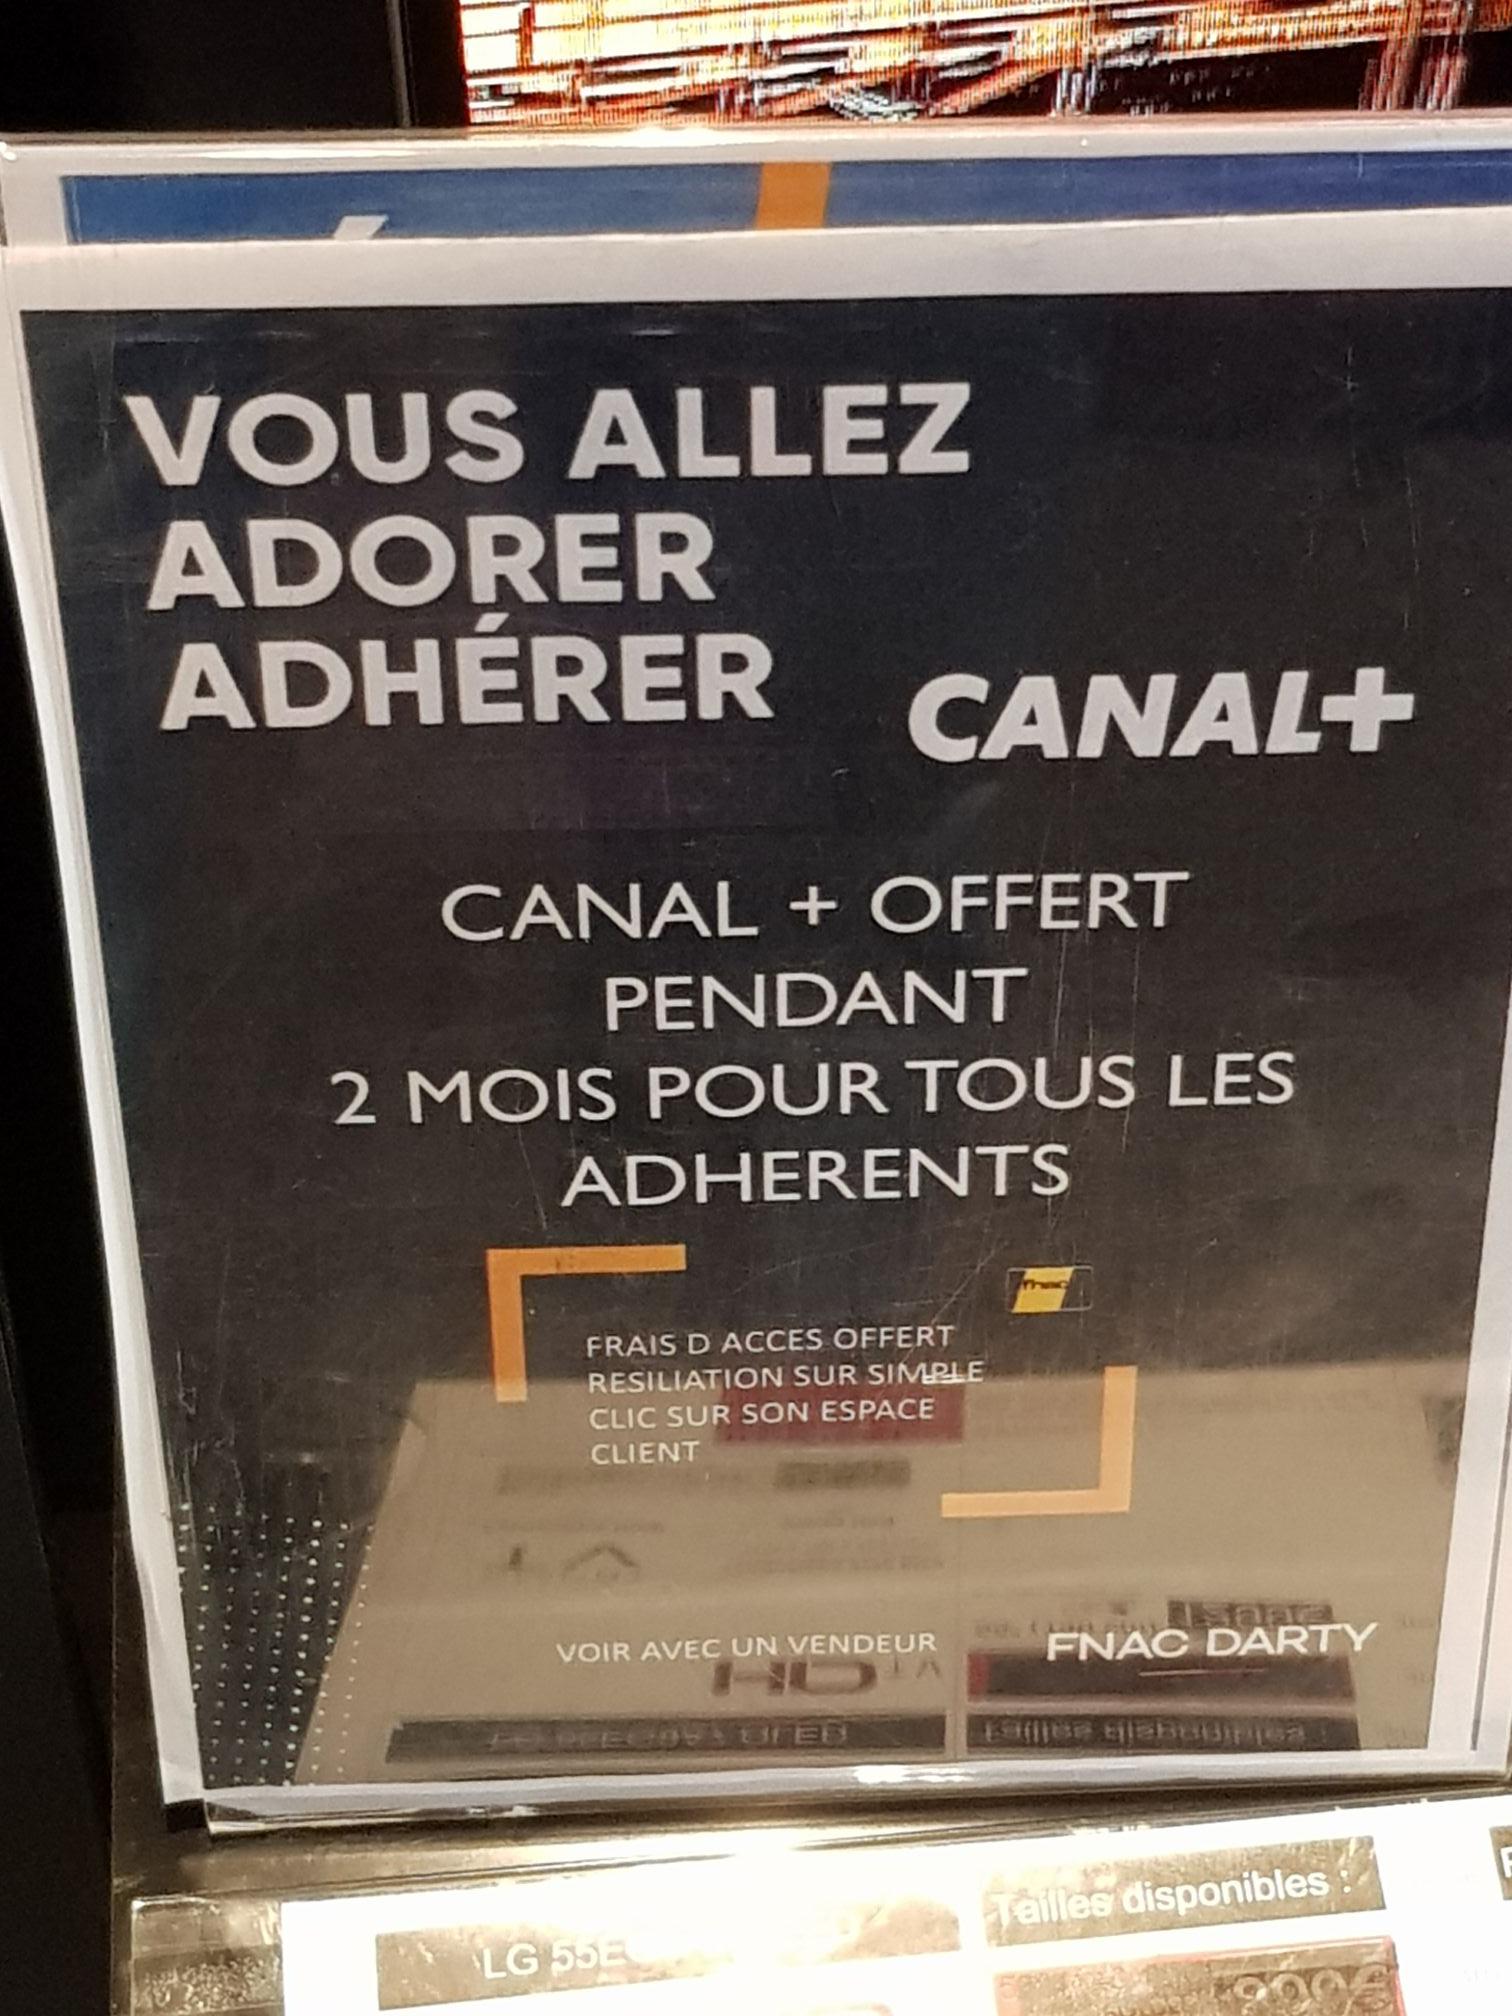 [Adhérents Fnac/Darty] Canal + Gratuit pendant 2 Mois - Val d'Europe (77)